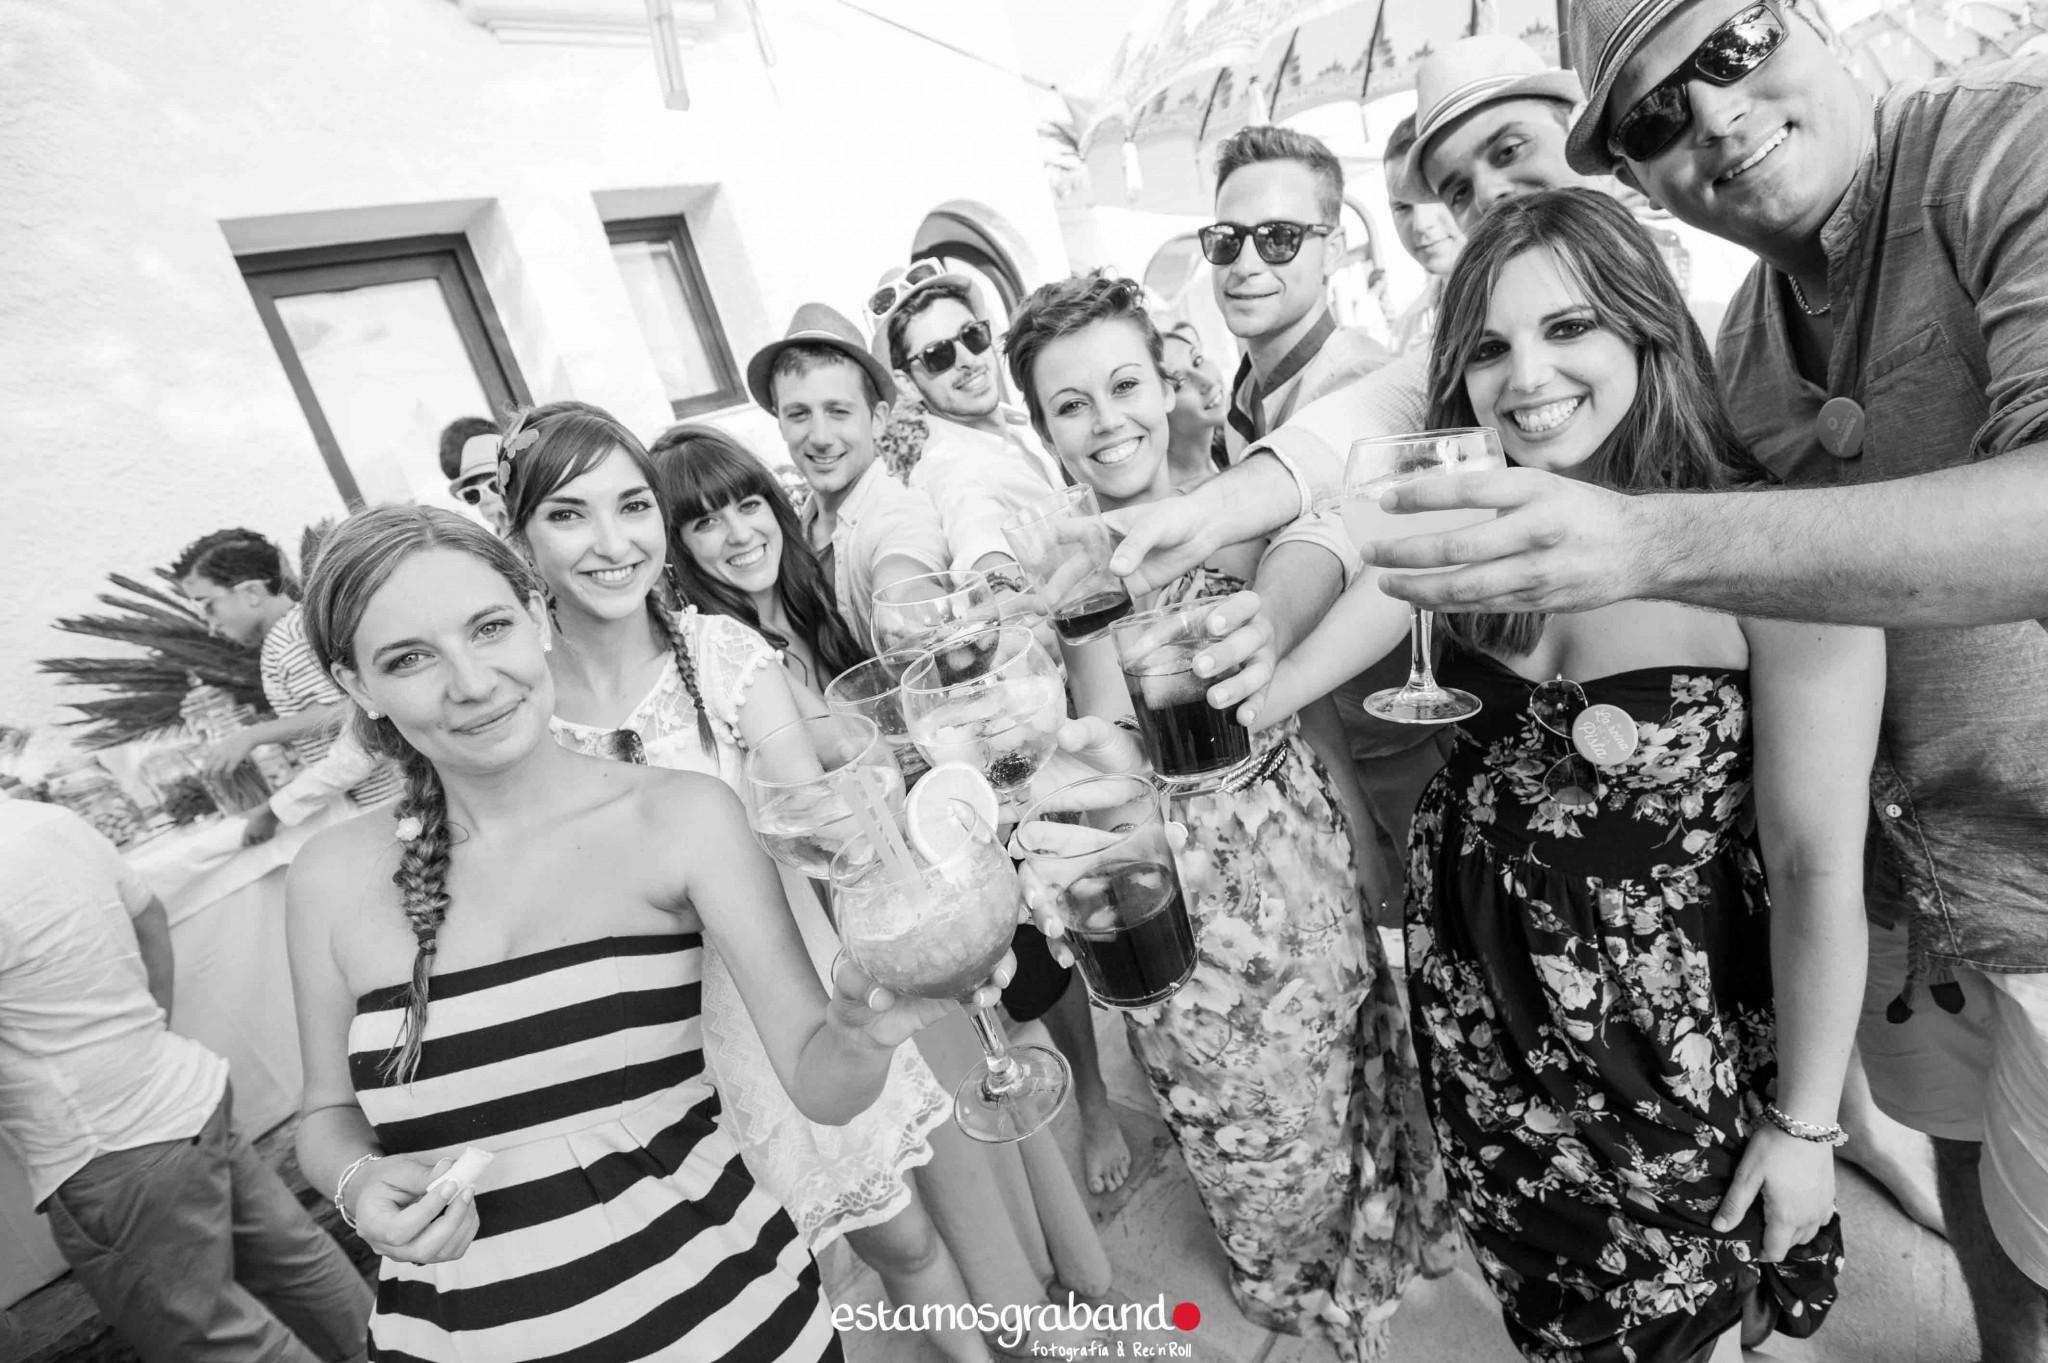 Alba-y-Jose-BTTW-49 Los invitados de Alba & Jose [Back to the wedding_Atlanterra, Zahara de los Atunes] - video boda cadiz